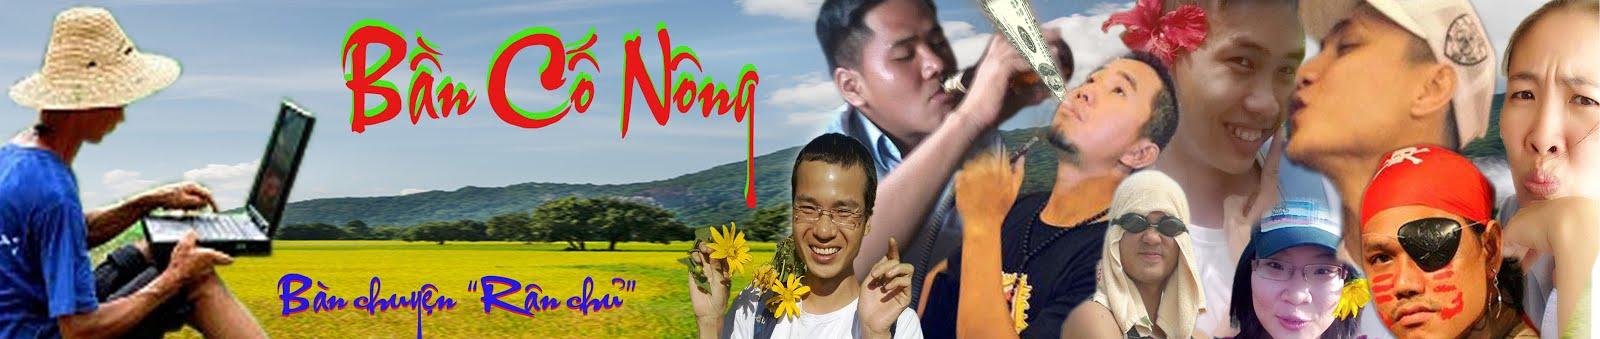 http://banconong.blogspot.com (Bần Cố Nông)